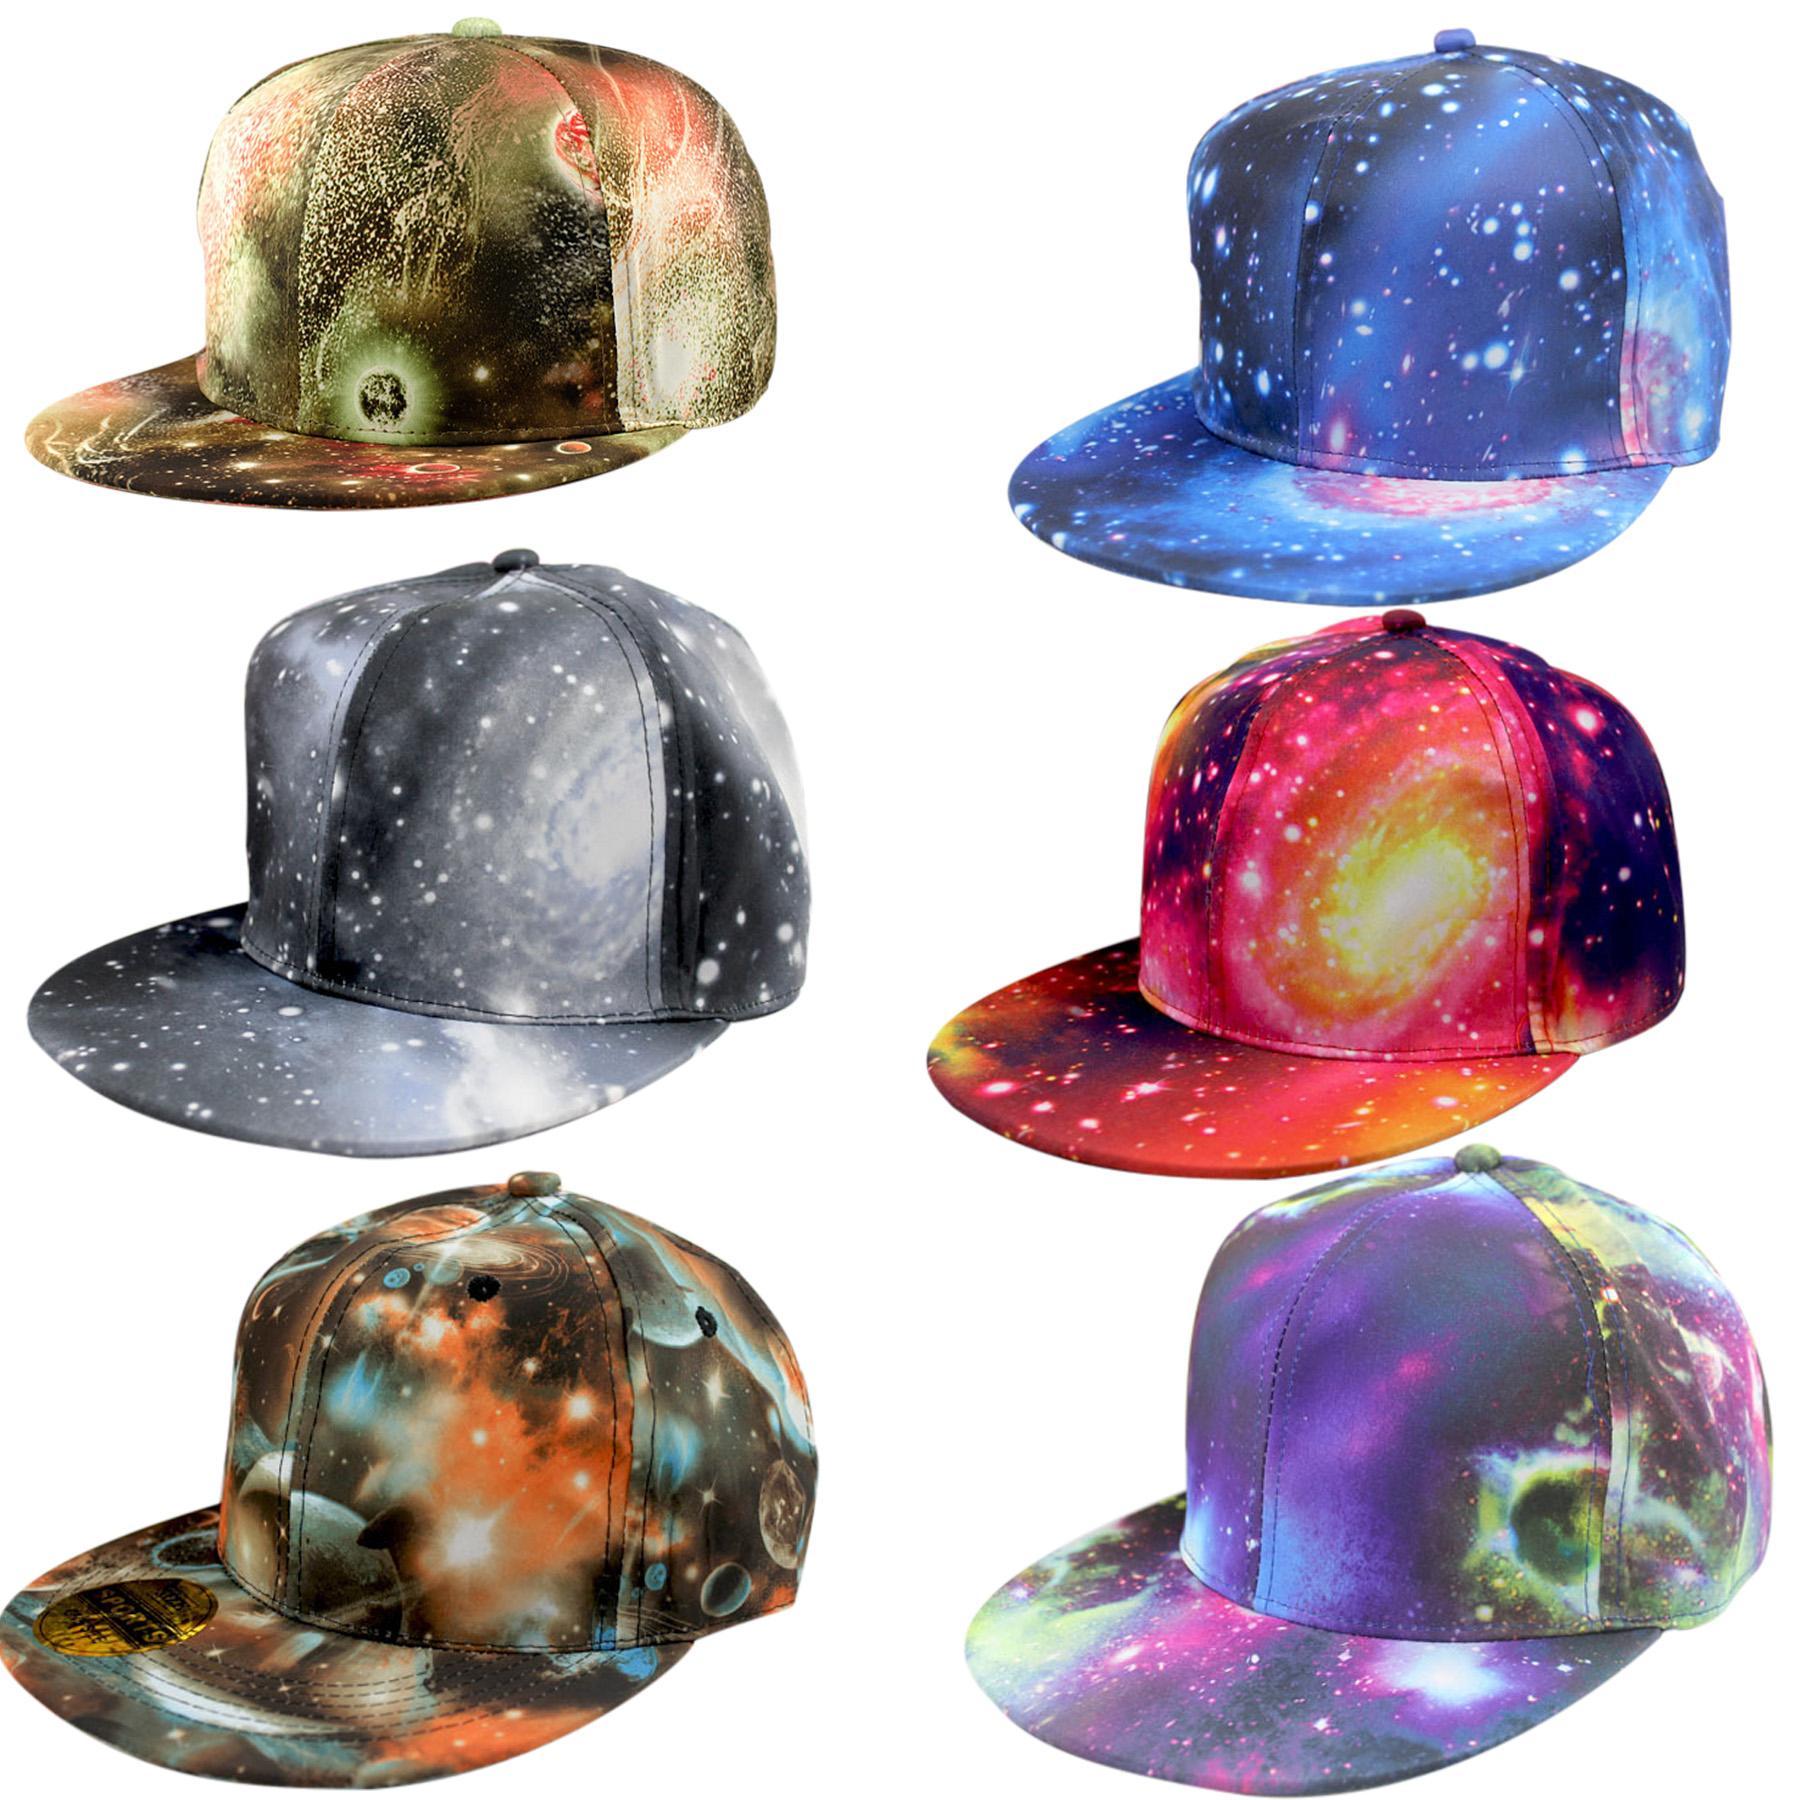 22f06c41713dd Compre Boné De Beisebol Da Menina Do Menino Estrelado Snapback Ajustável  Hip Hop Bboy Kpop Dancer Hat De Cx919818520